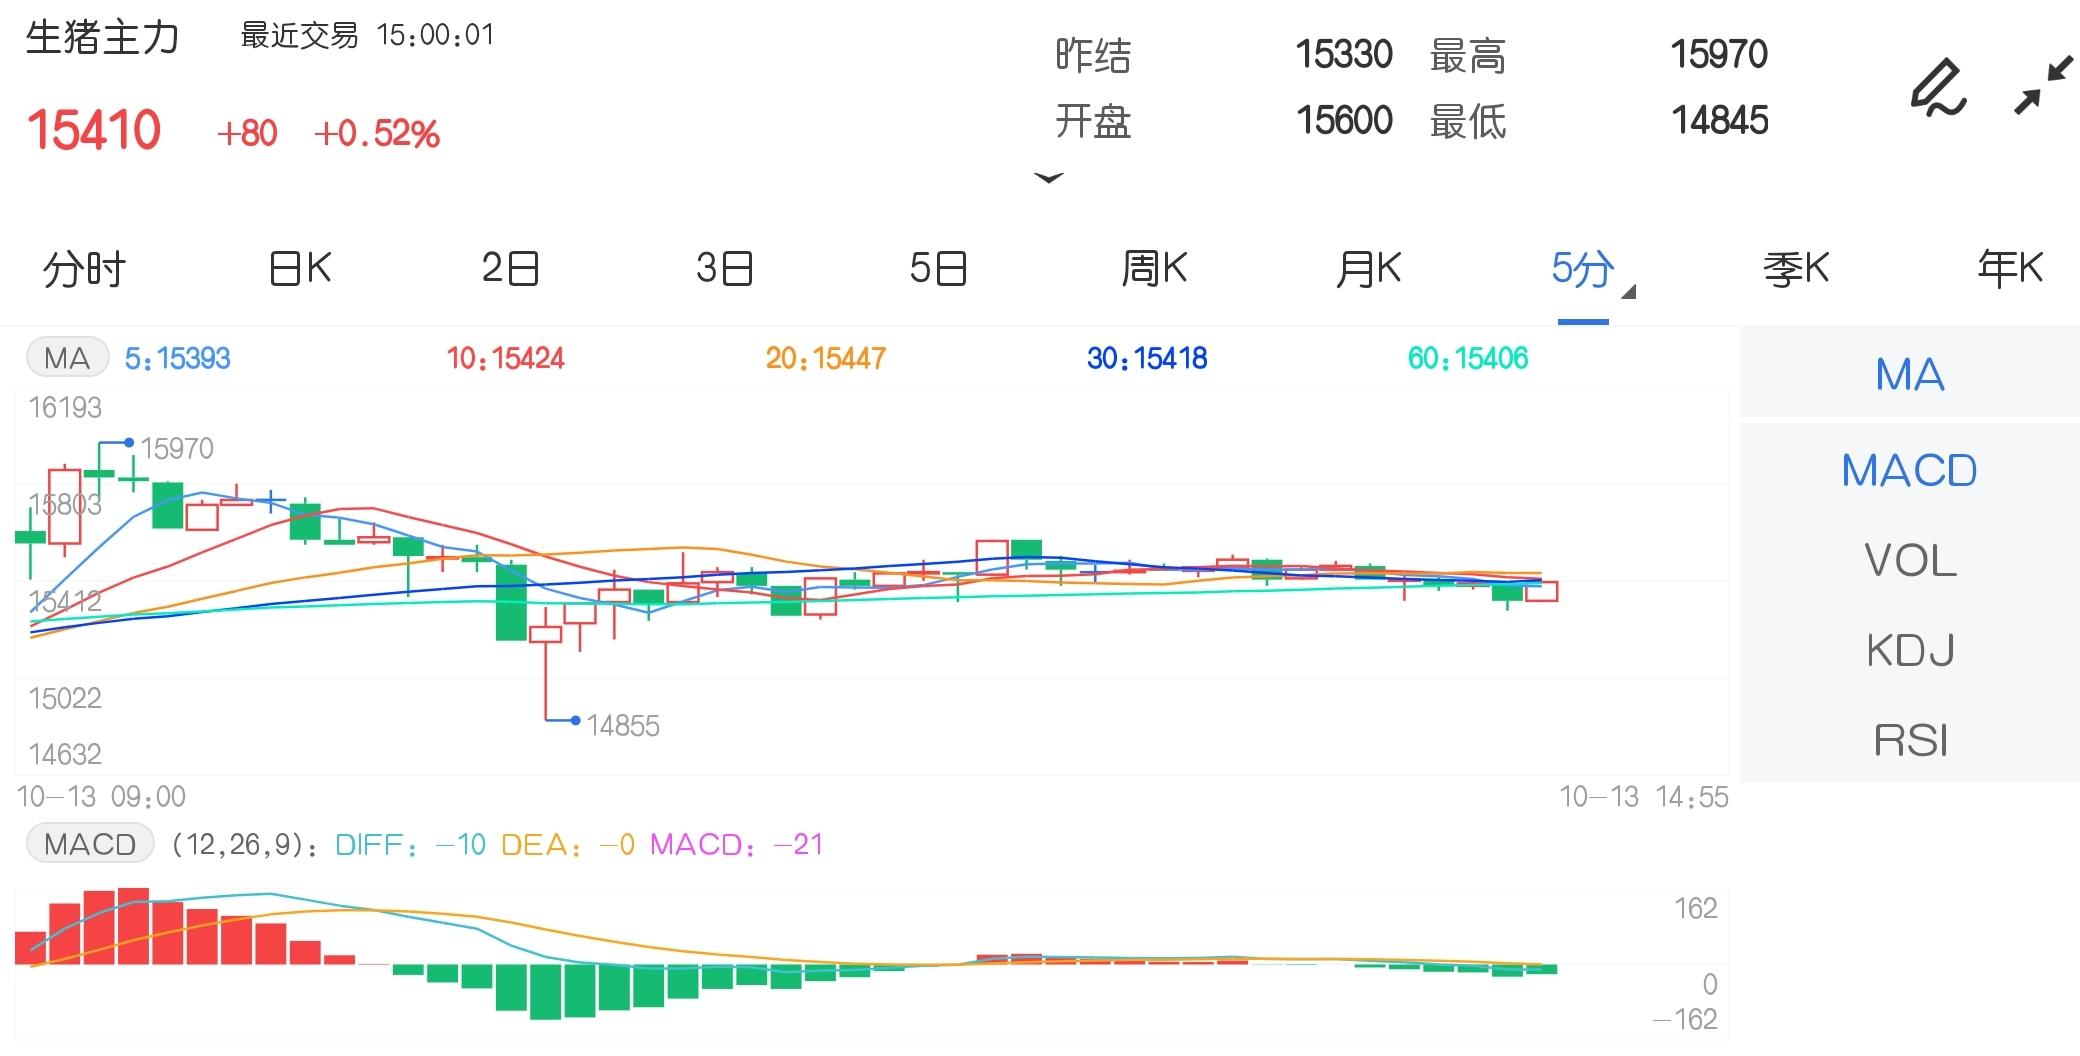 10月13日期货软件走势图综述:生猪期货主力涨0.52%